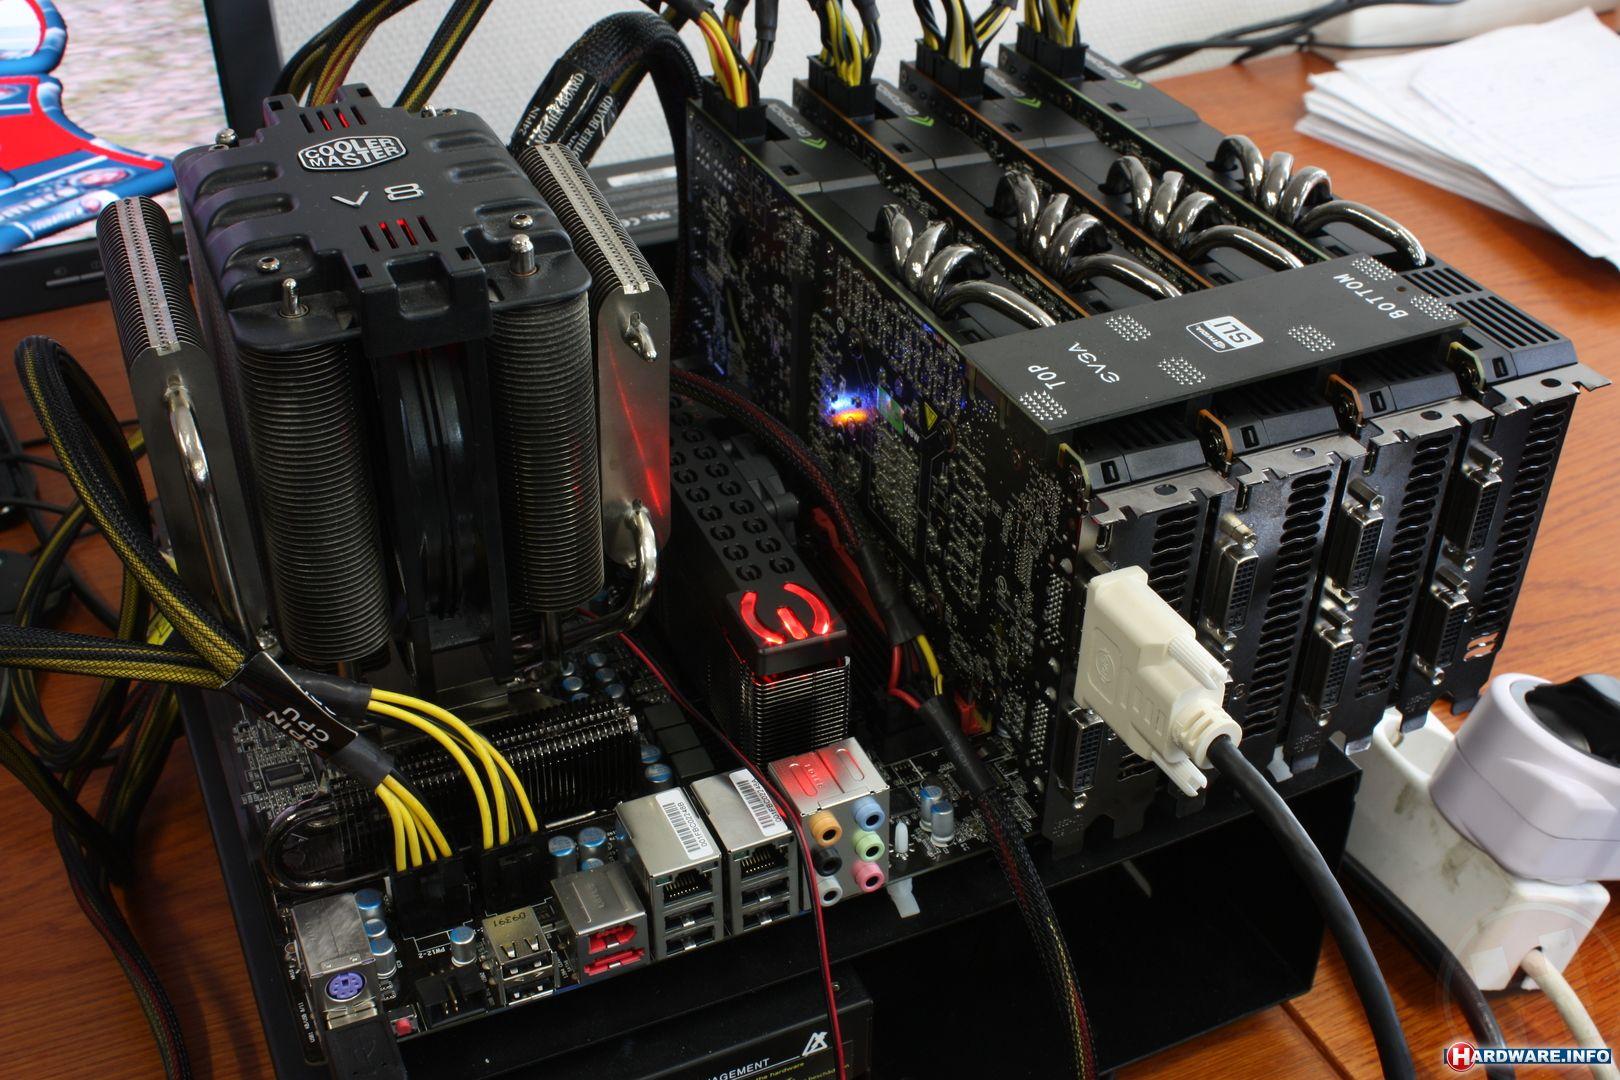 Программа NBMiner обошла блокировку майнинга в видеокартах NVIDIA RTX